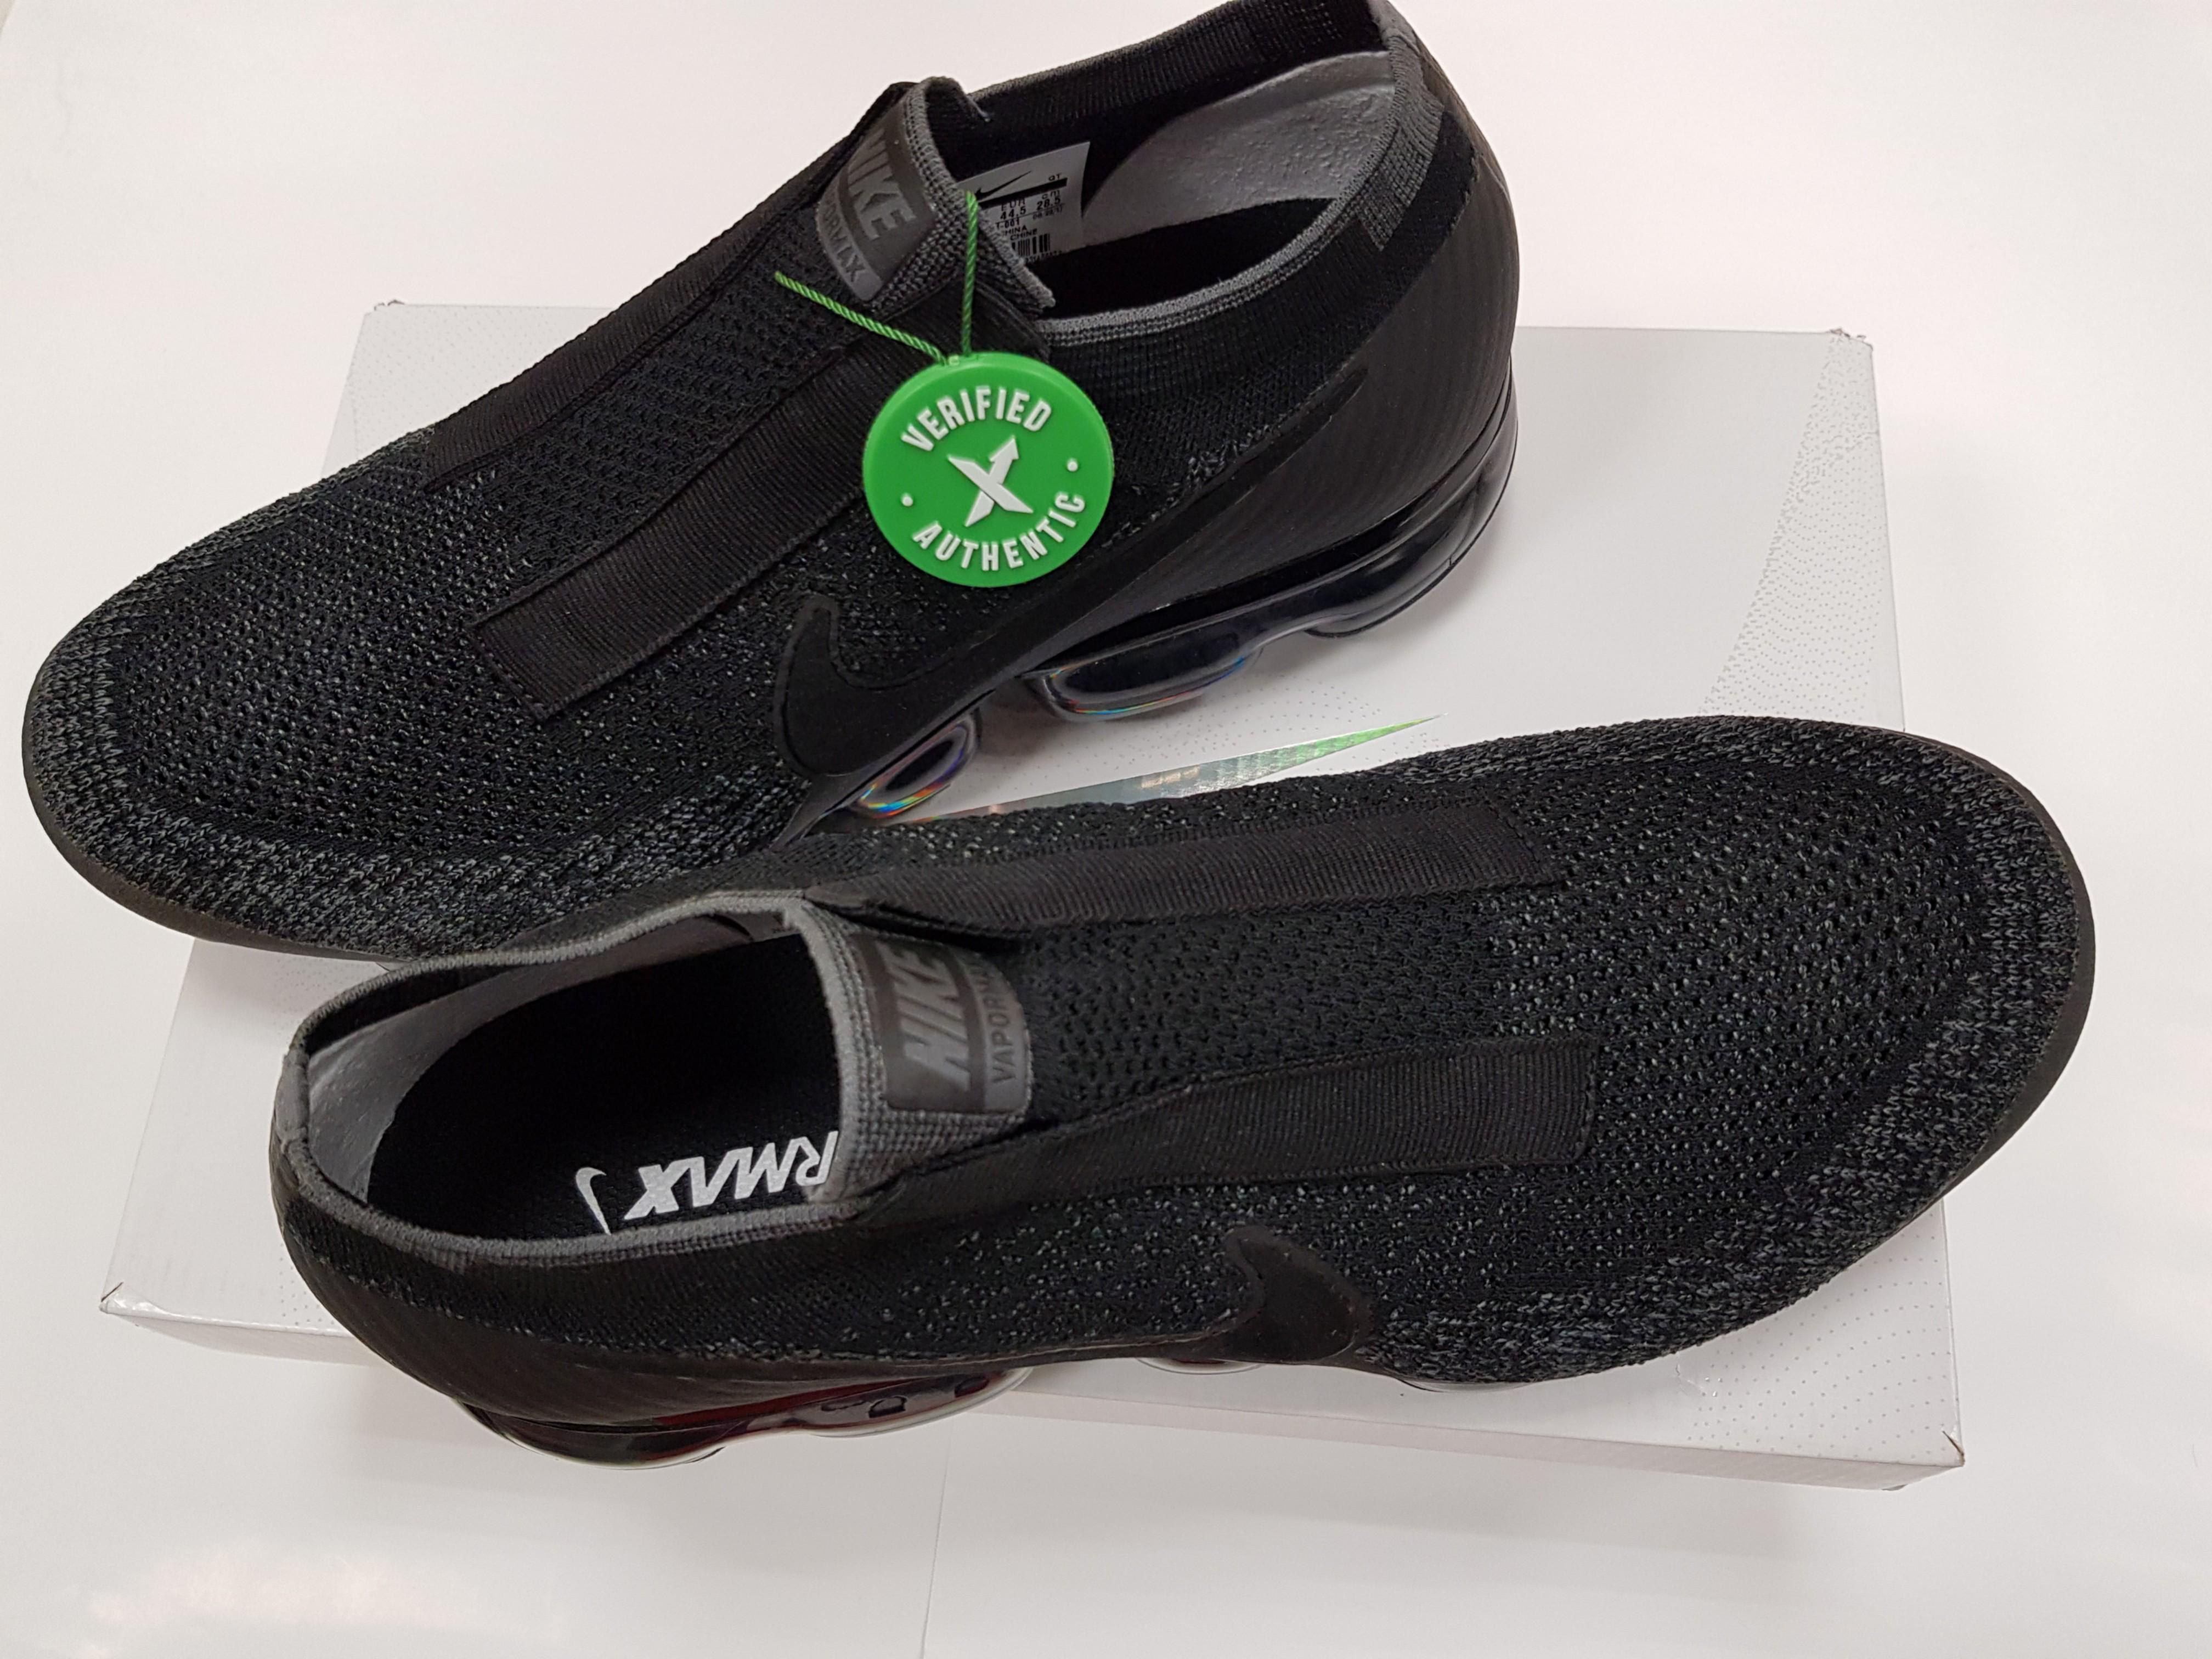 wholesale dealer 24b4e 54442 PRICE REDUCED] NIKE AIR VAPORMAX SE LACELESS TRIPLE BLACK ...